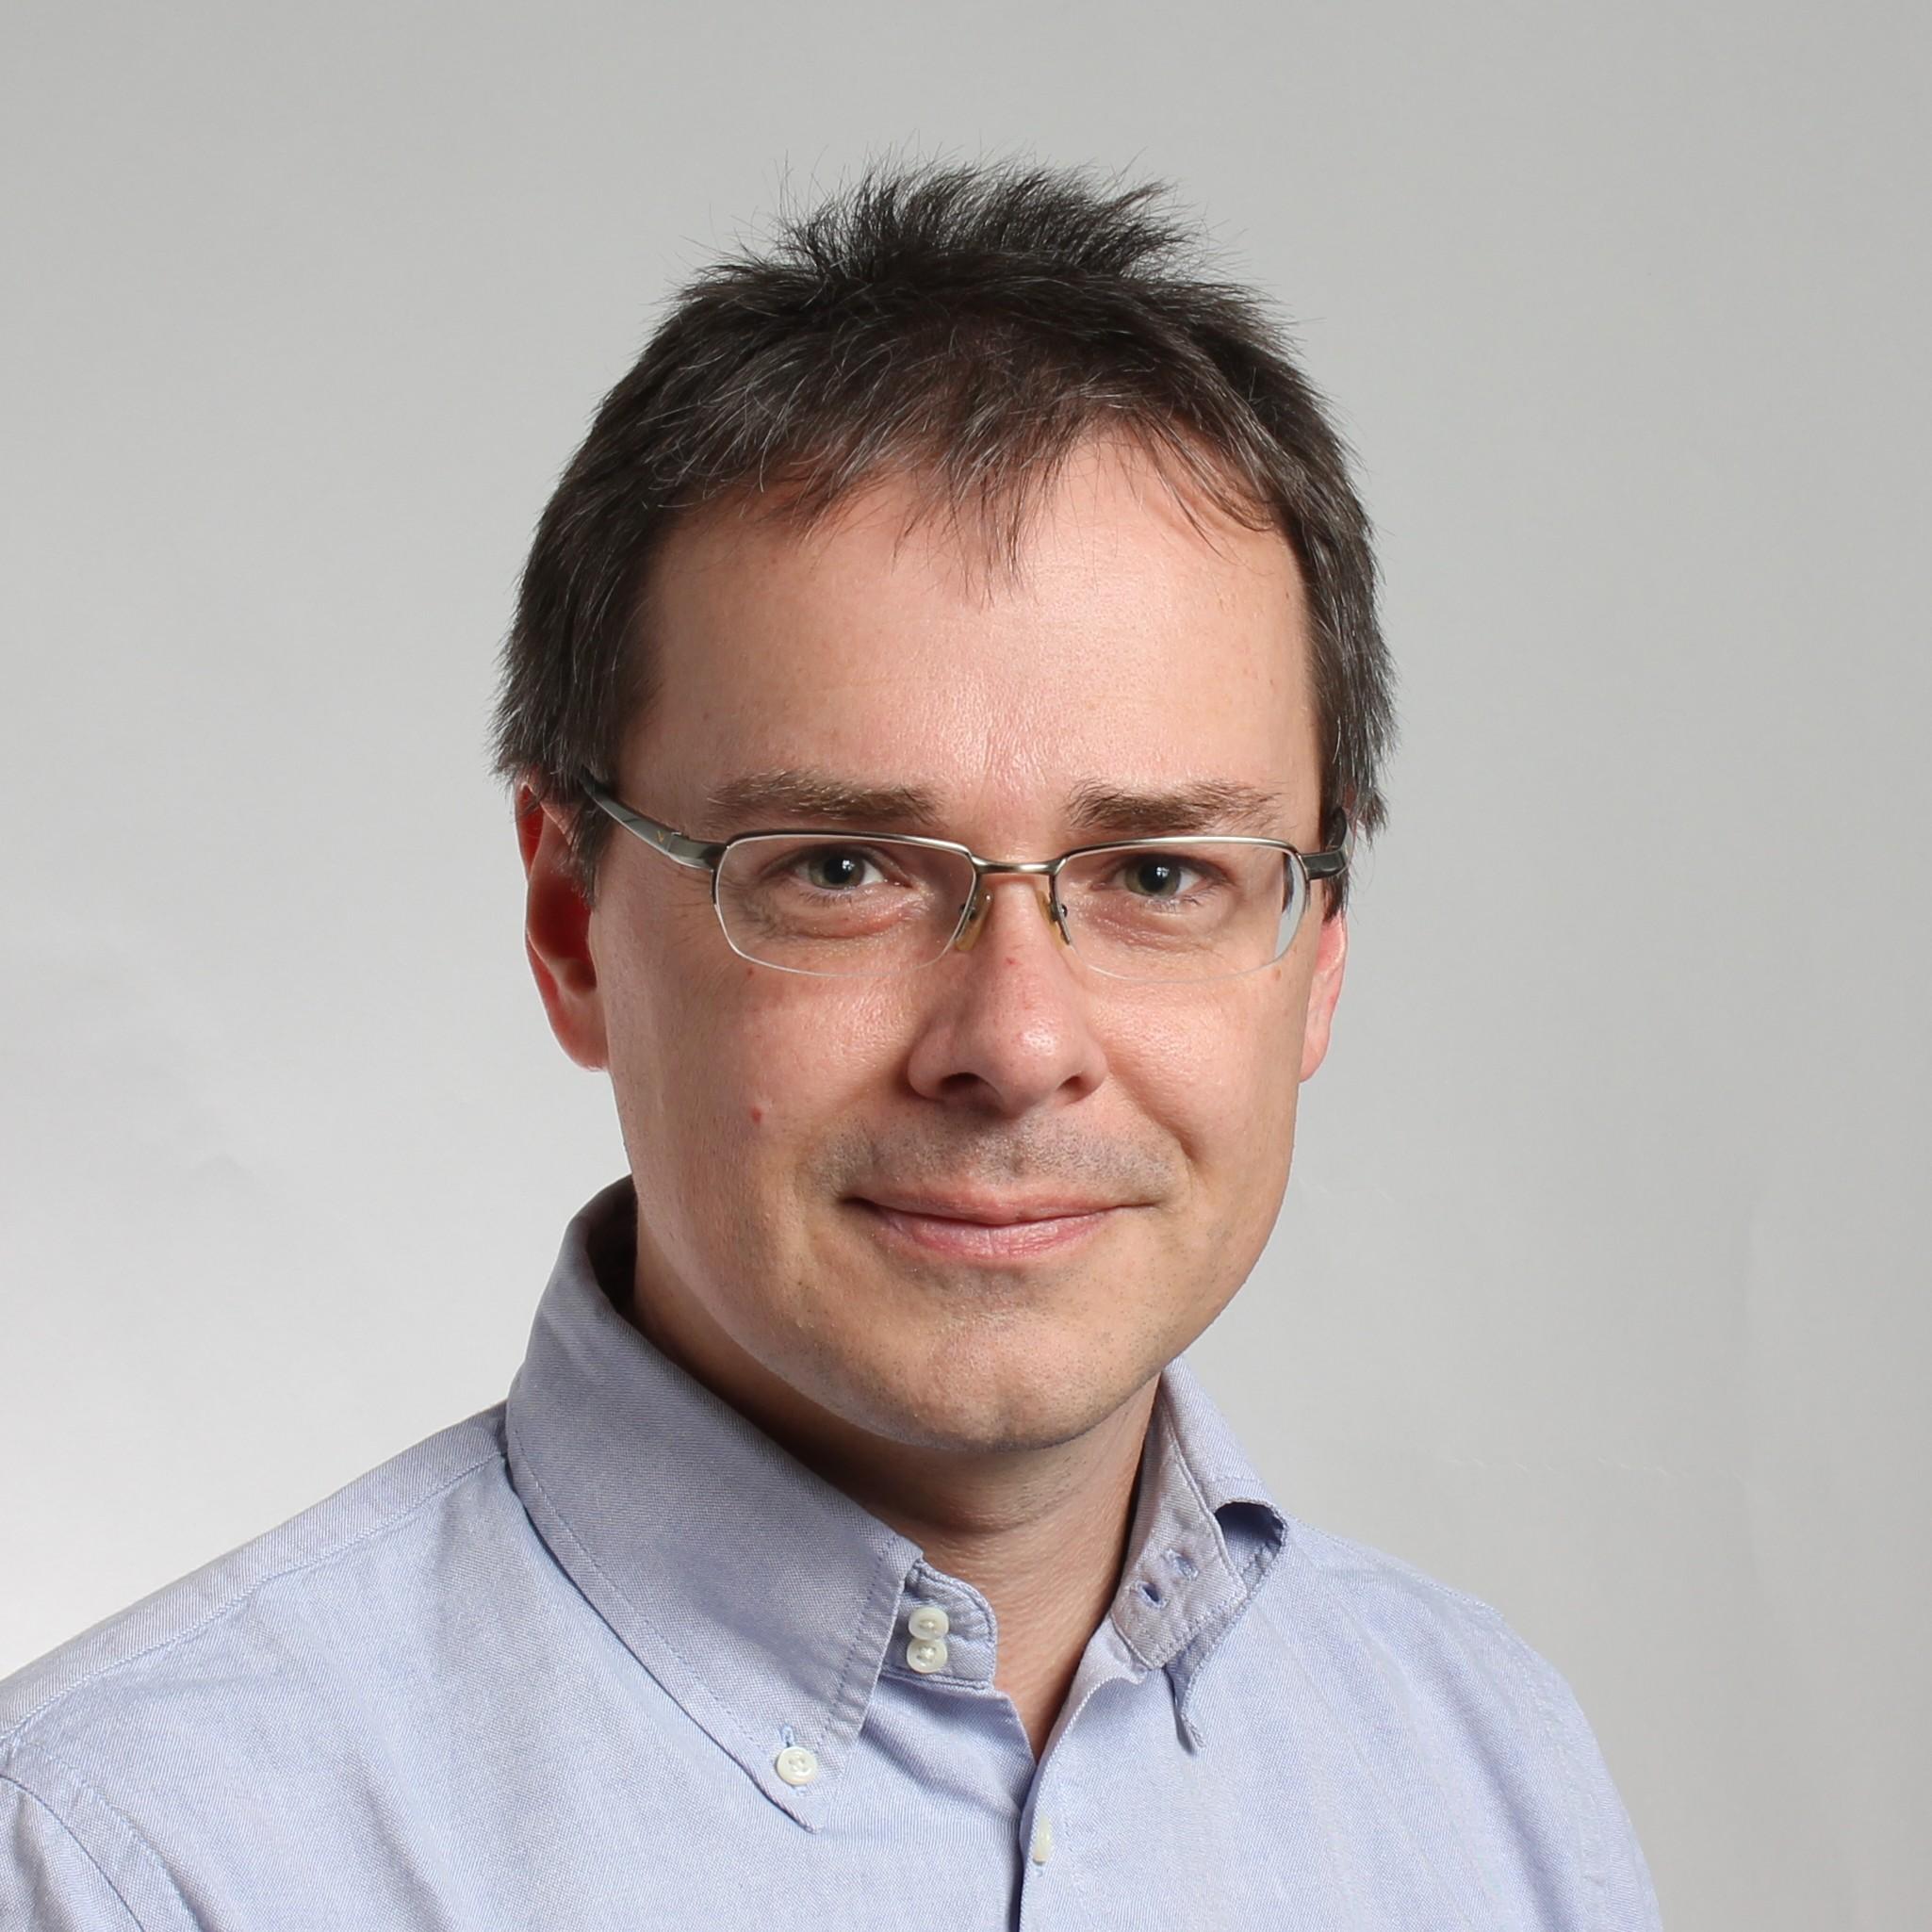 Thomas Müller, Rosenberger Hochfrequenztechnik GmbH & Co. KG